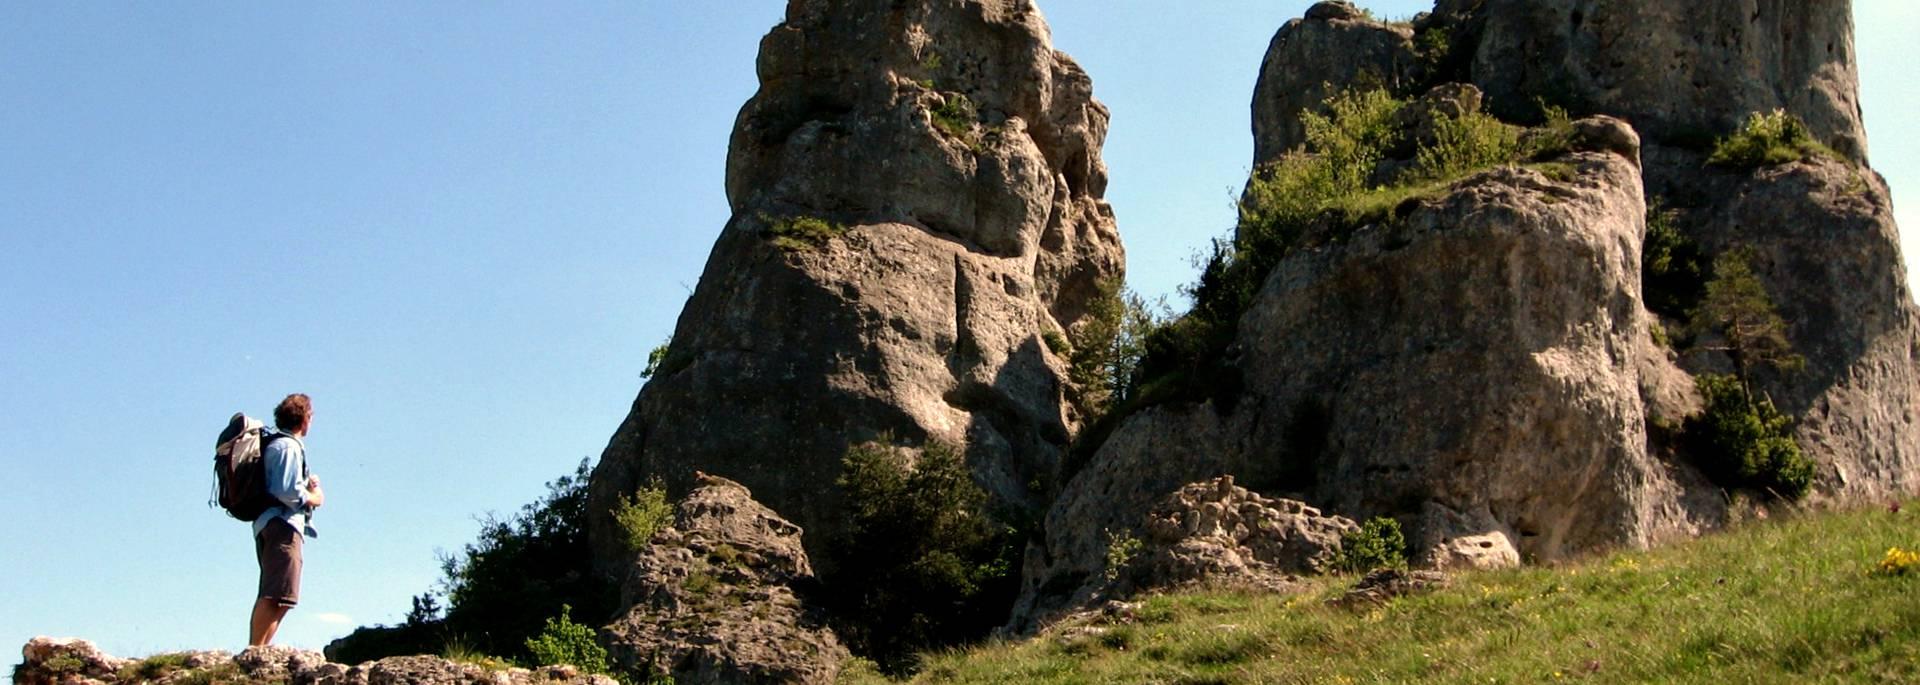 Chaos rocheux de Roquesaltes sur le Cause noir